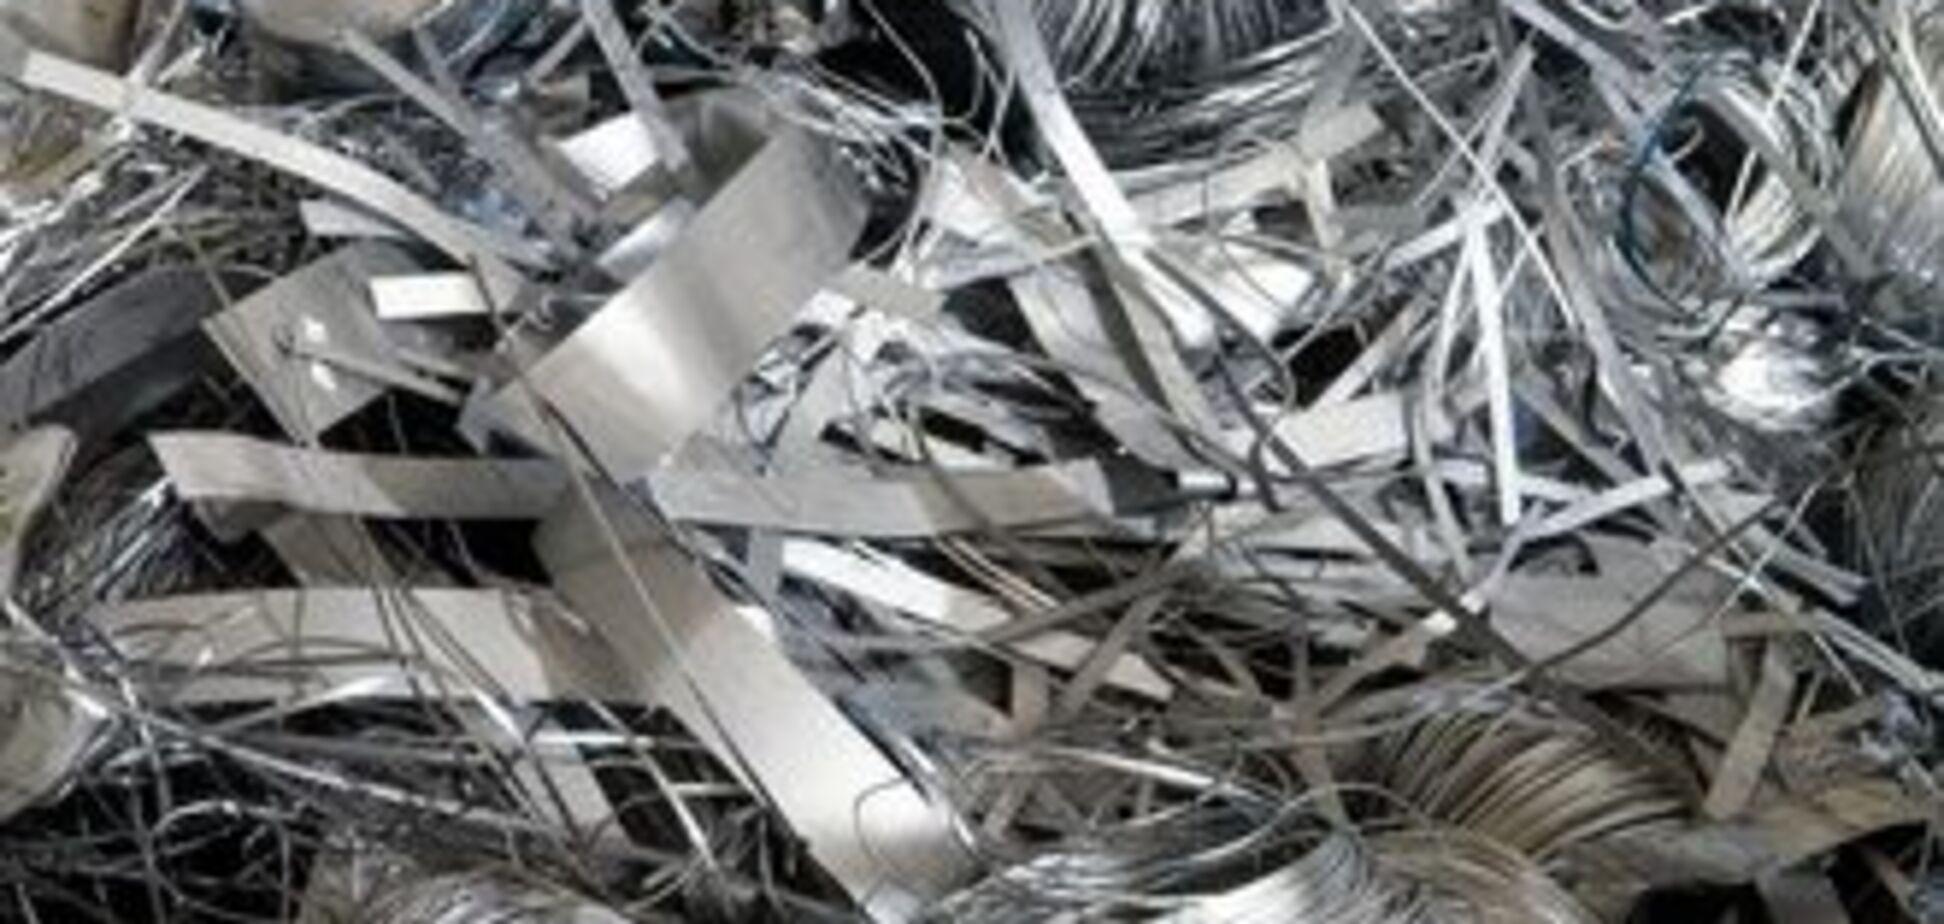 За крадіжку кабелів зв'язку хочуть саджати за особливою статтею